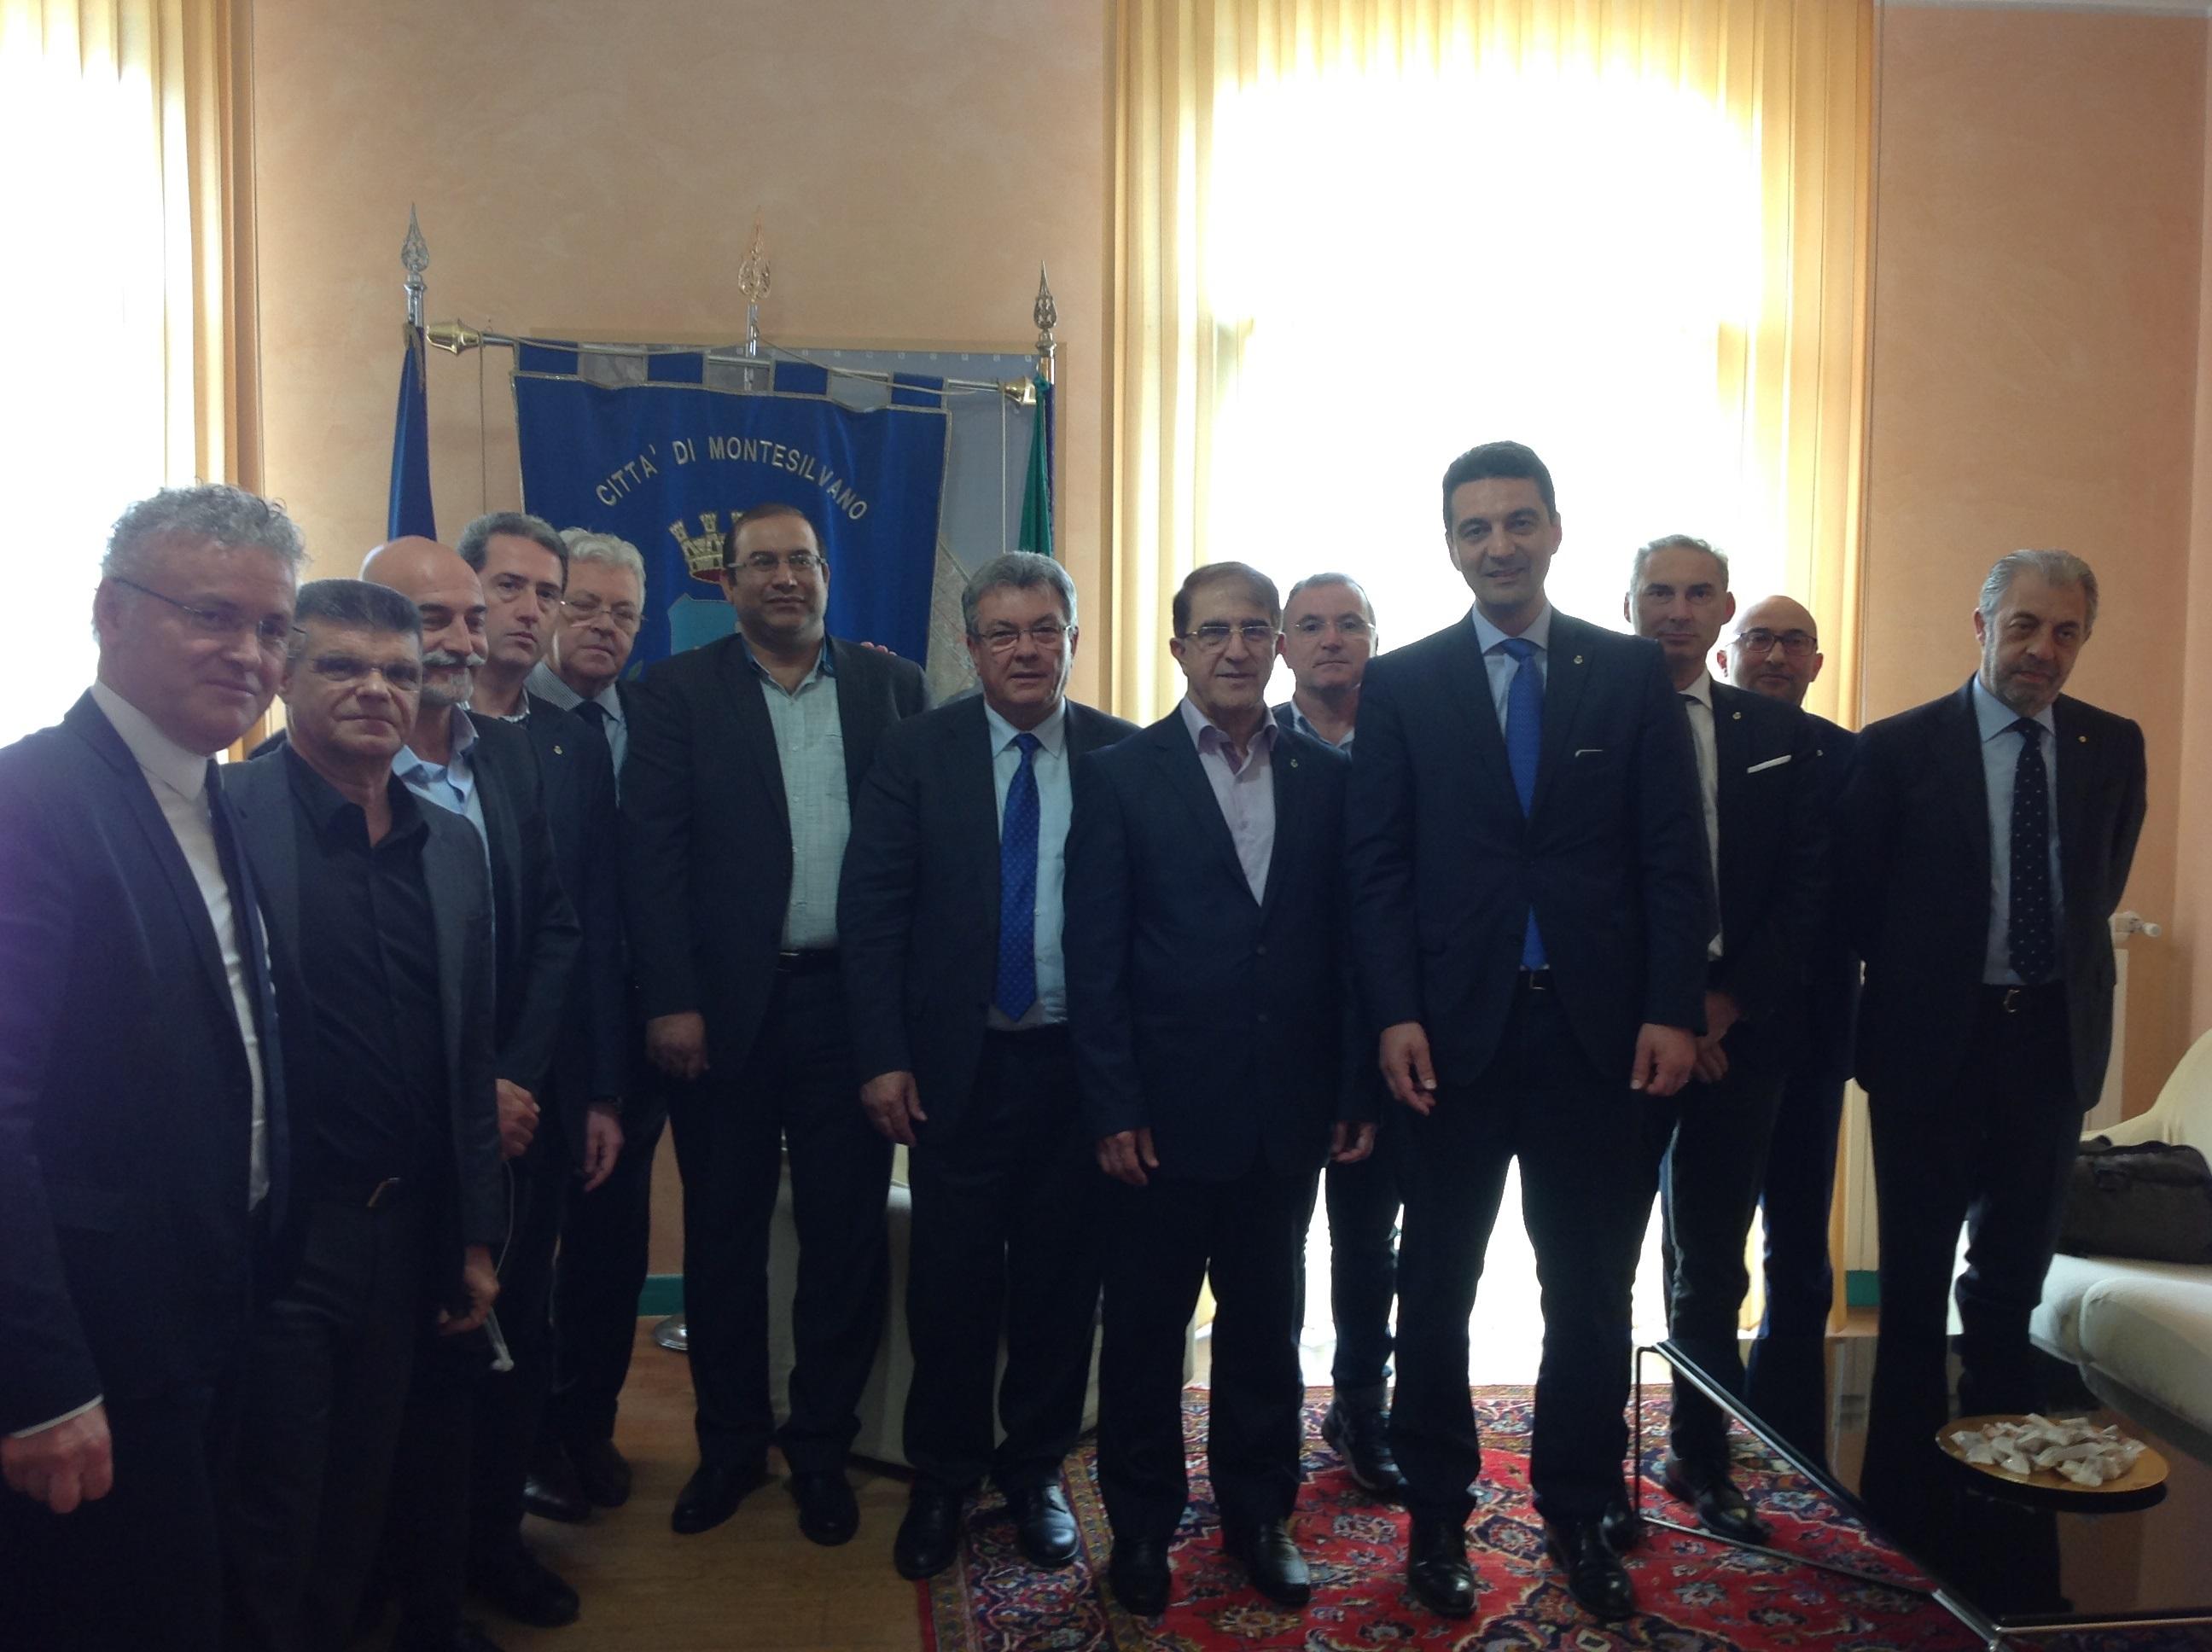 Delegazione iraniana in visita a Montesilvano